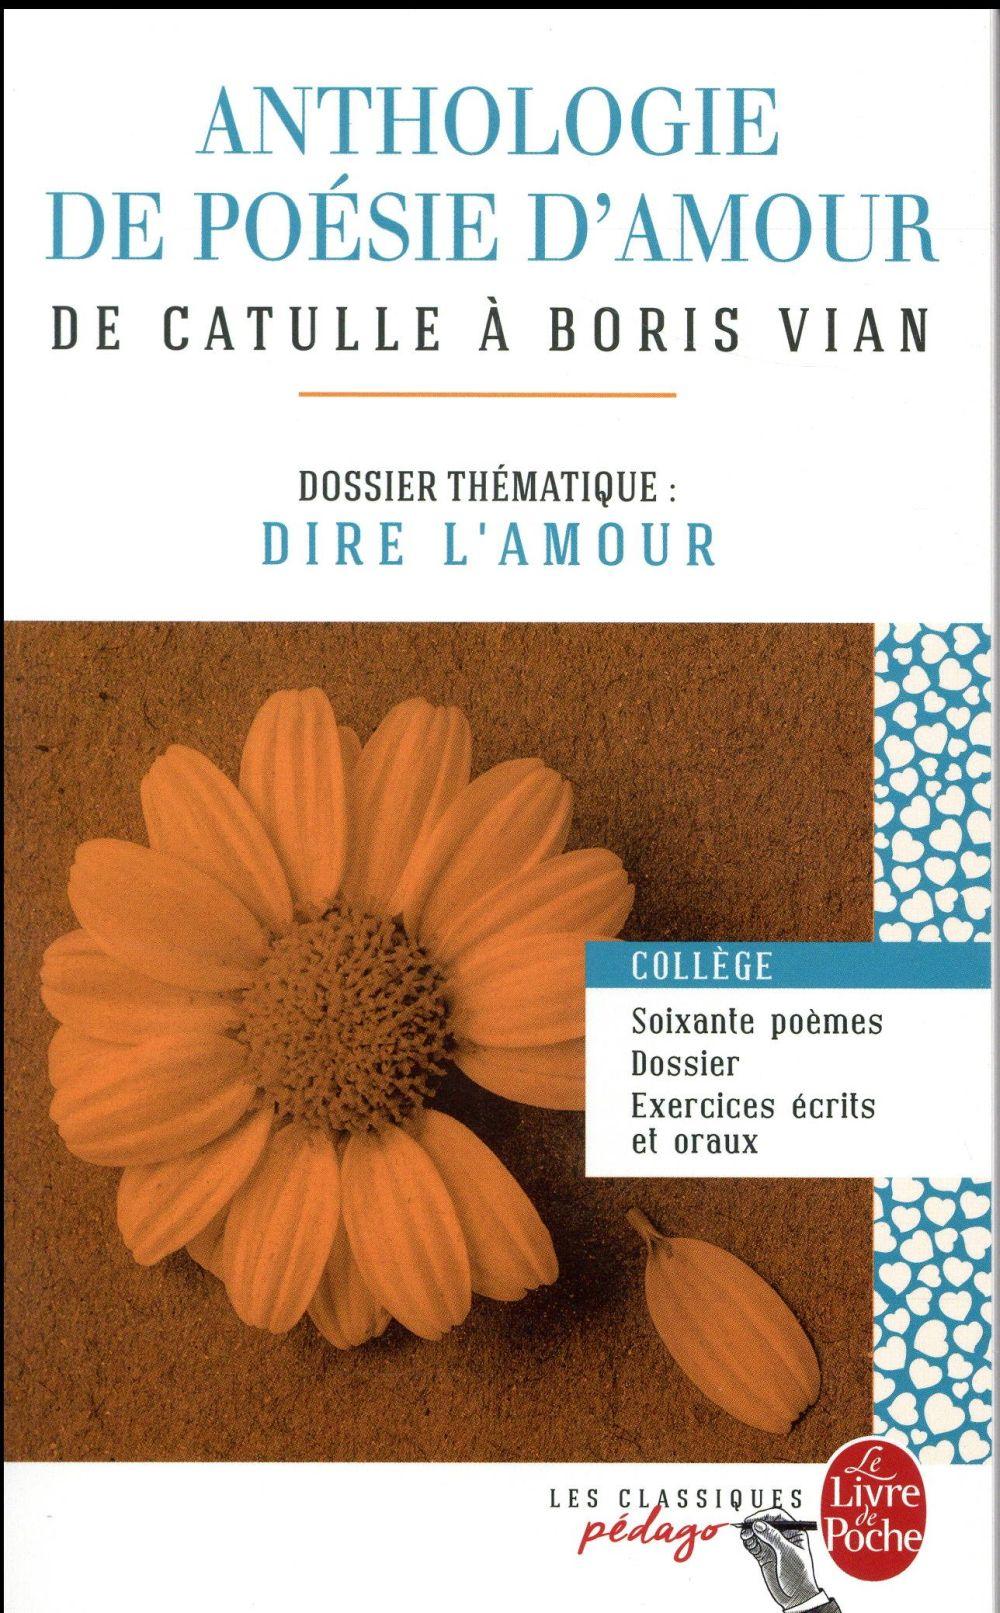 Anthologie de poesie d'amour (edition pedagogique) - dossier thematique : dire l'amour